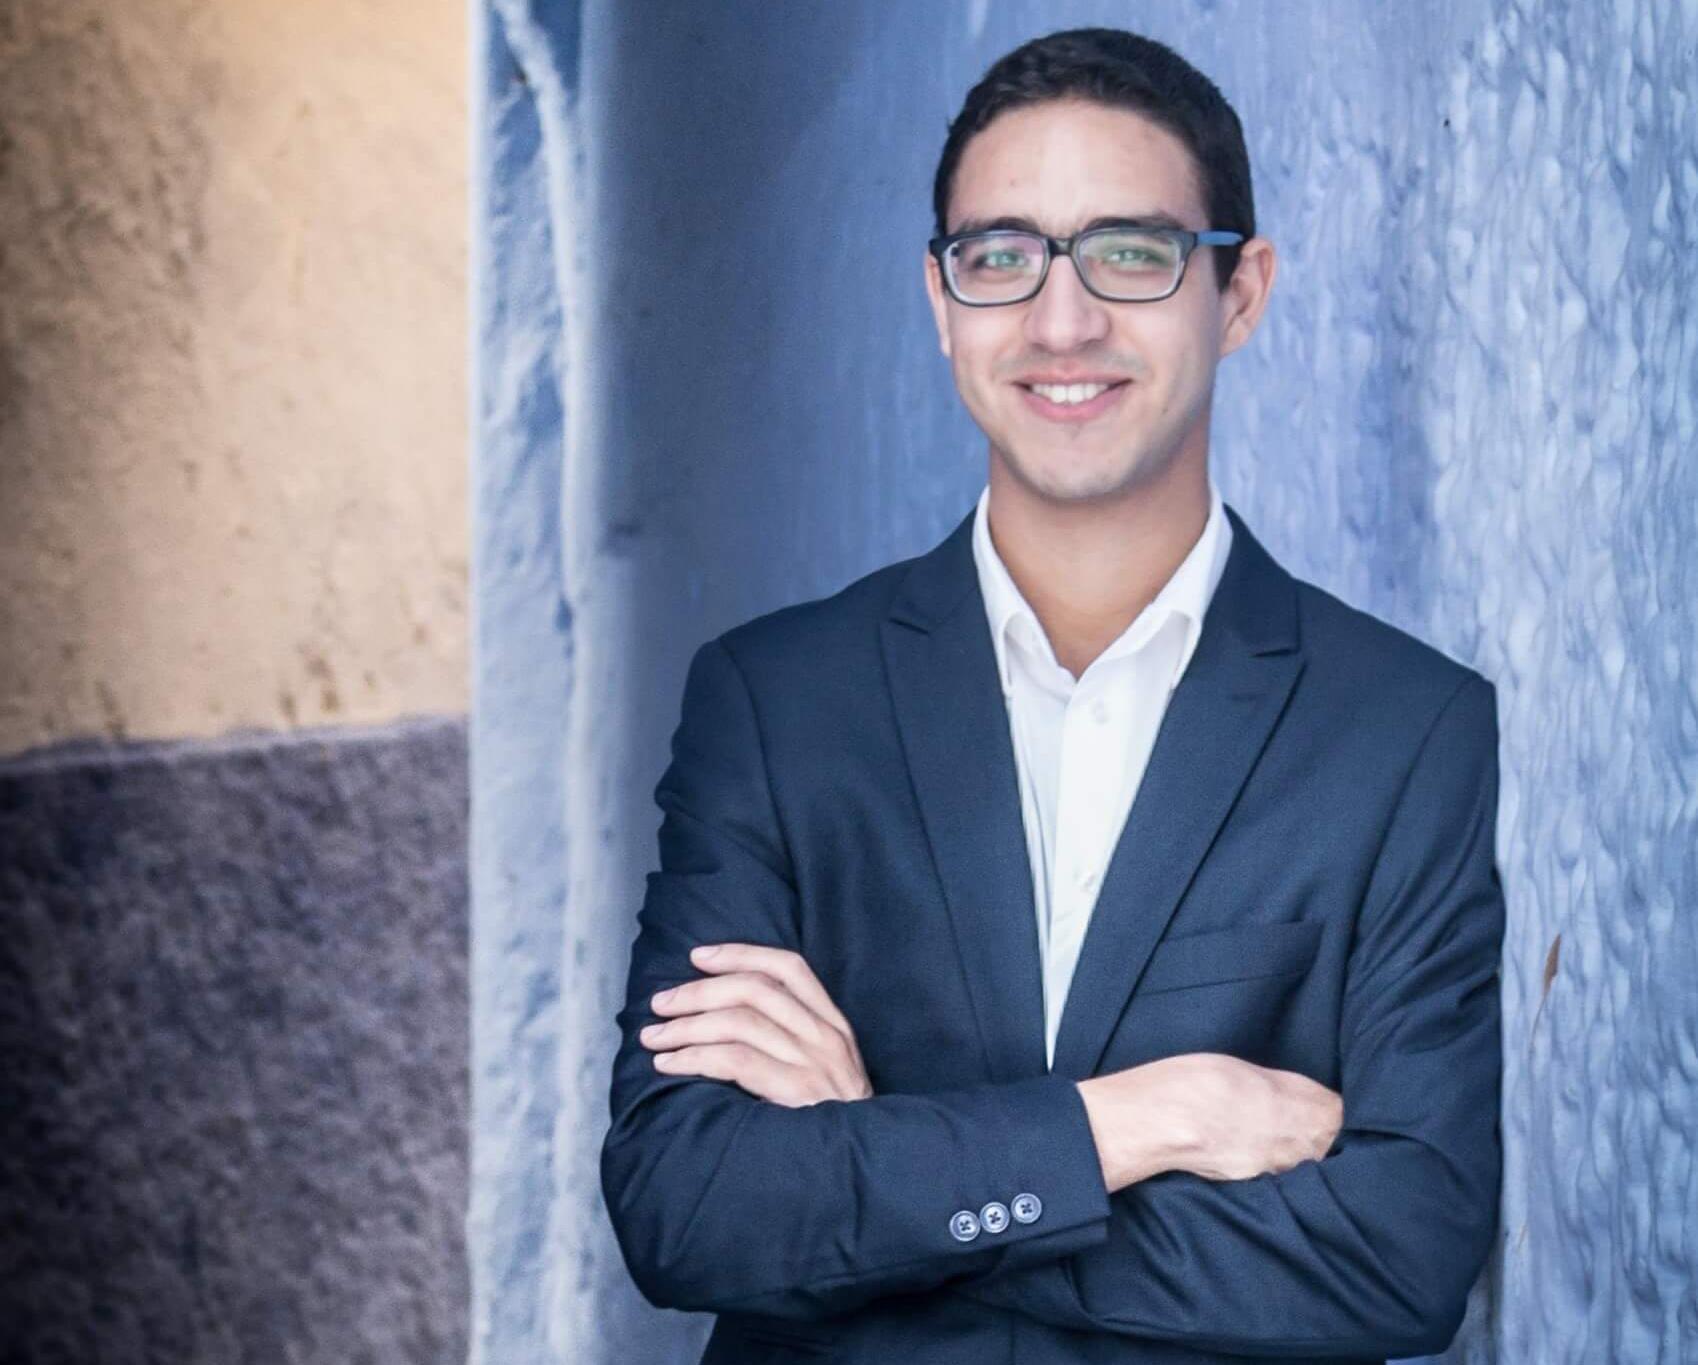 L'activista social Mohamed Amrani parlarà sobre identitats hui, a Ontinyent El Periòdic d'Ontinyent